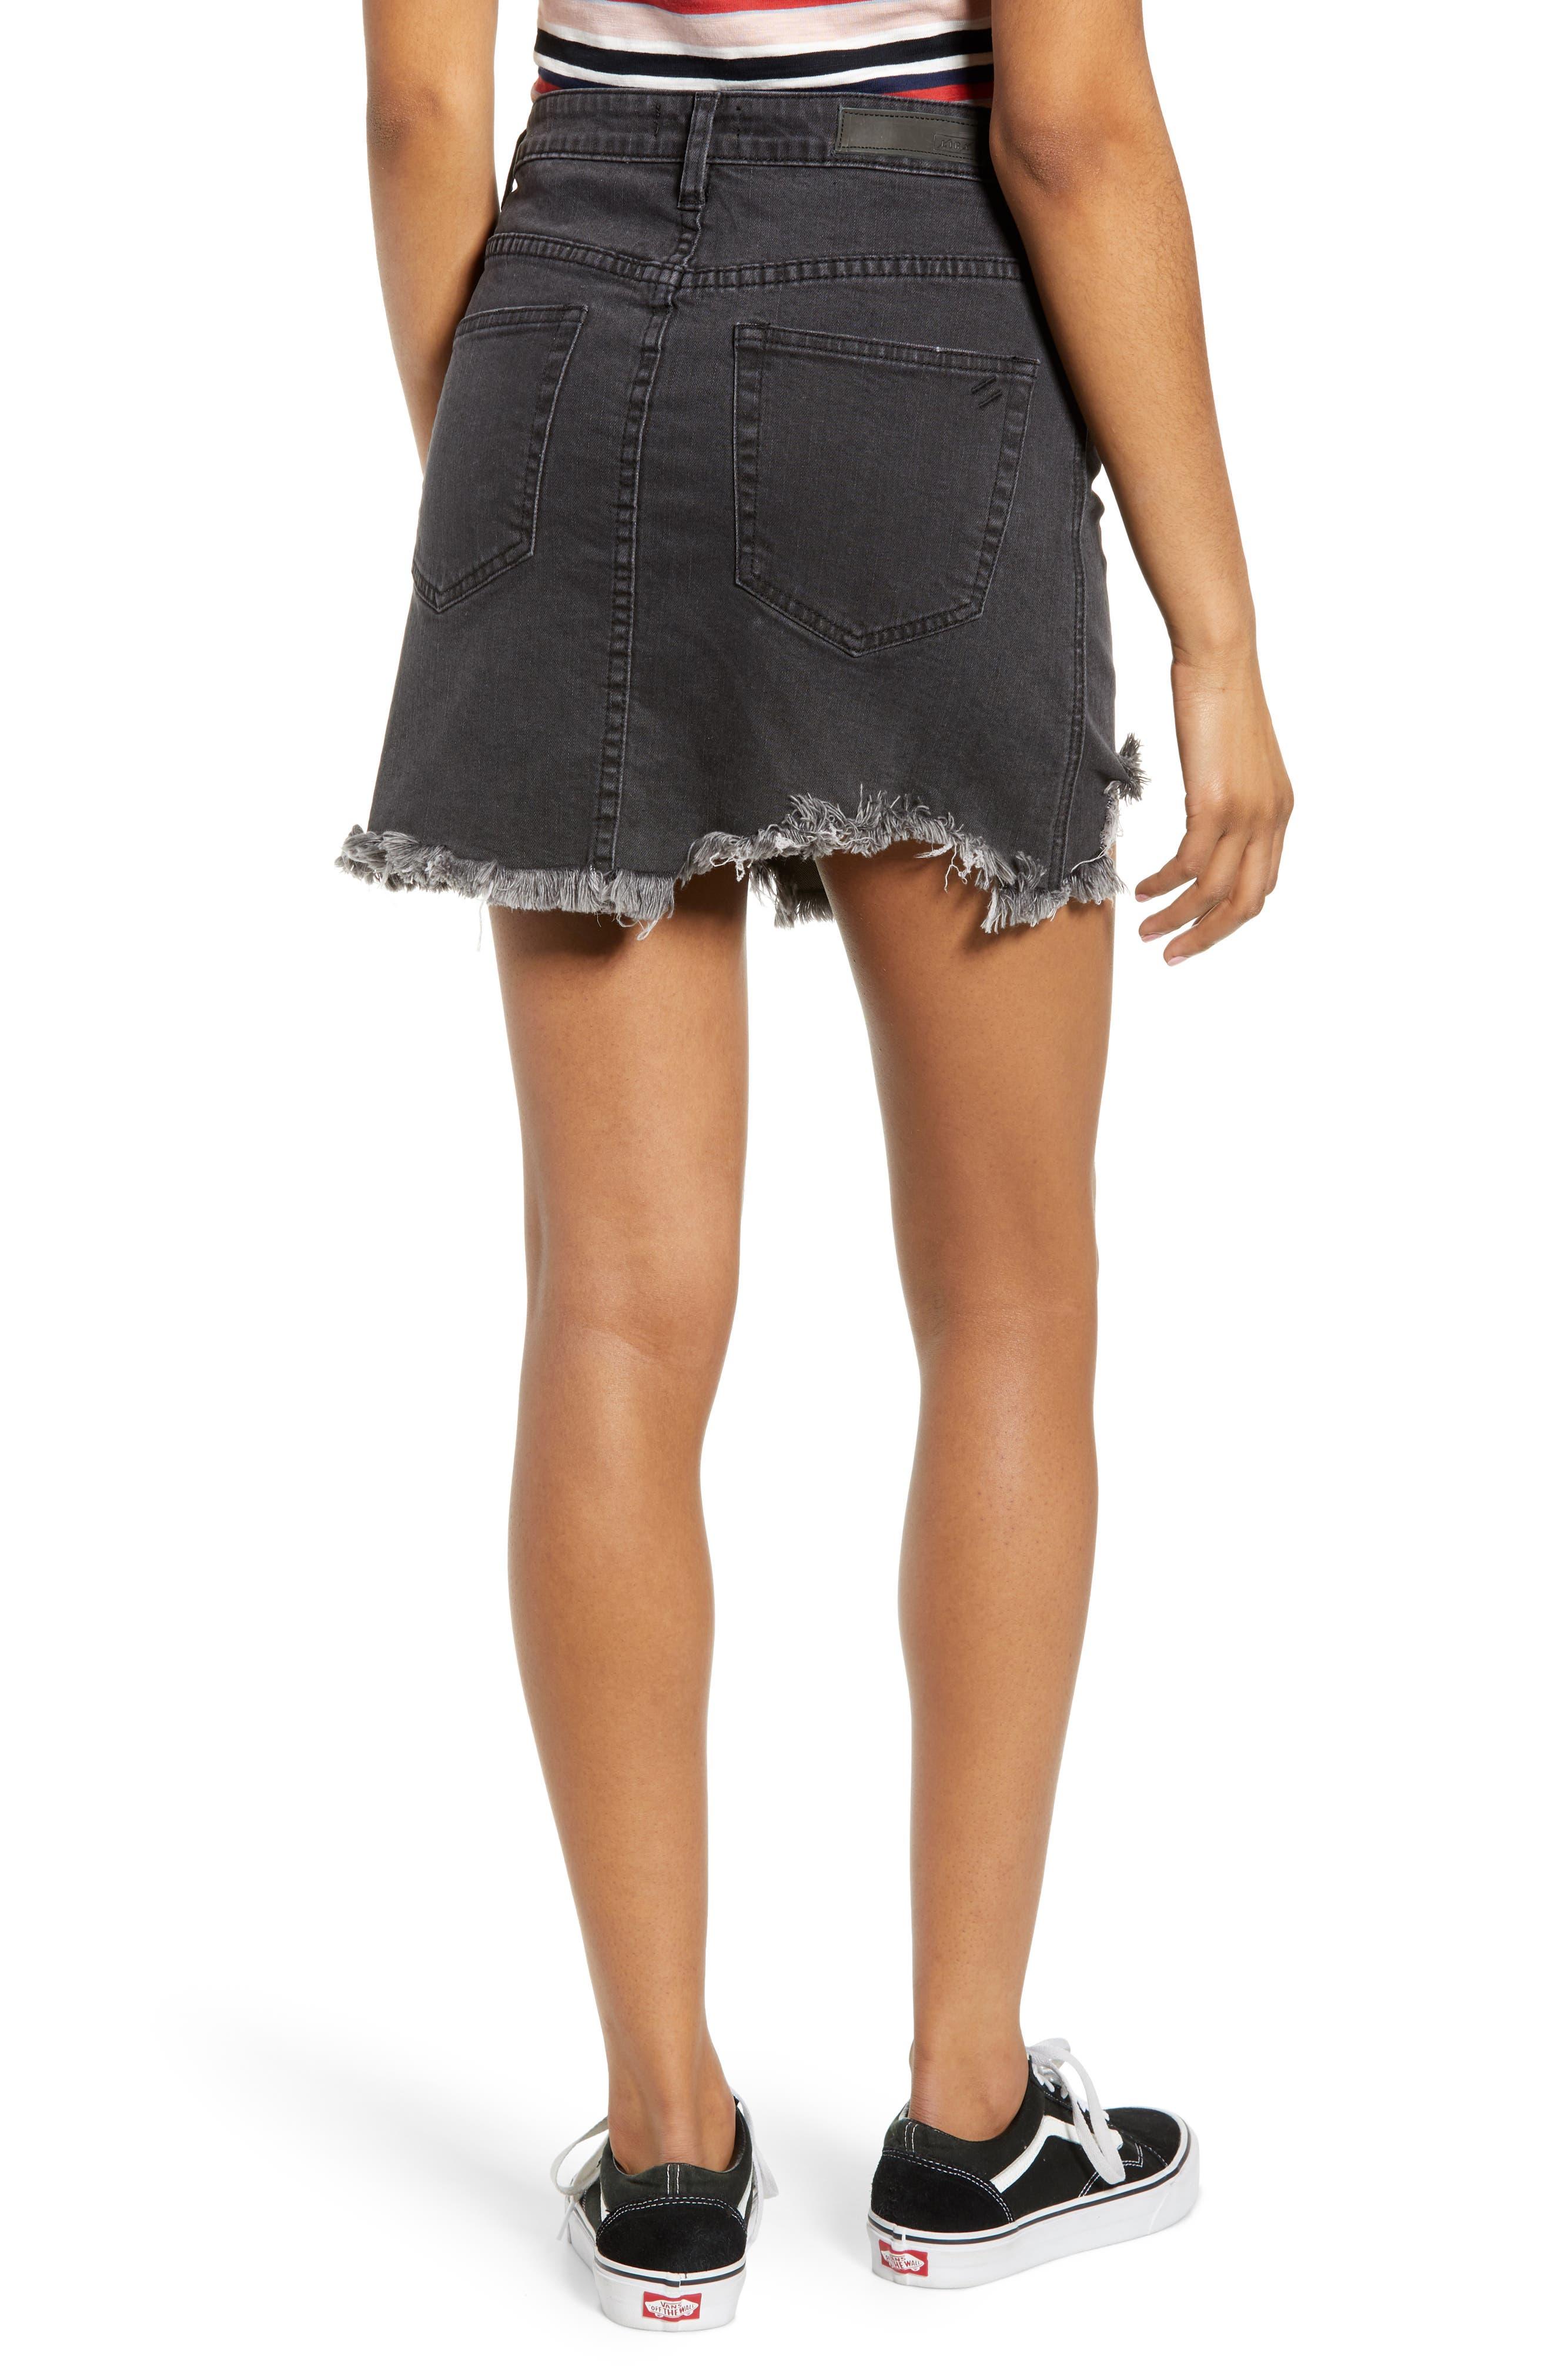 Cobra Ripped Denim Skirt,                             Alternate thumbnail 2, color,                             BLACK